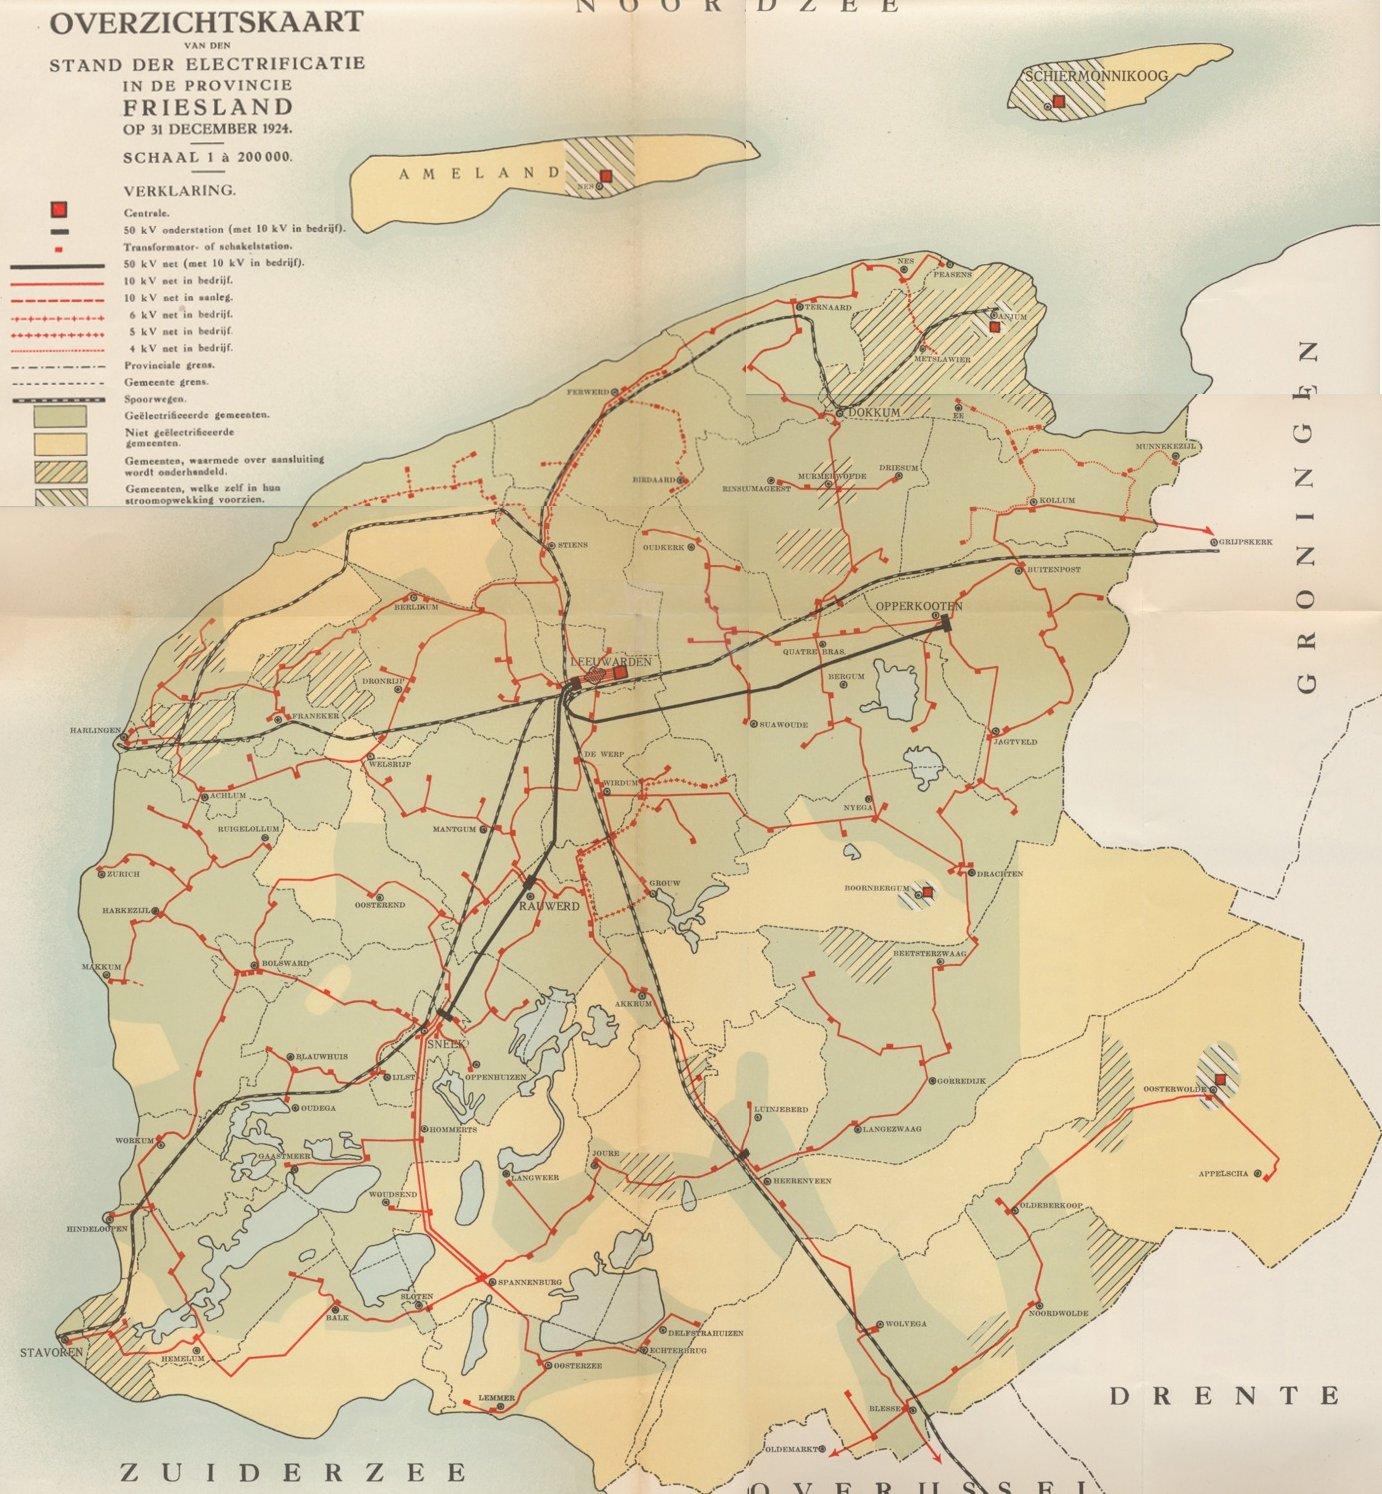 Netkaart Friesland 1924